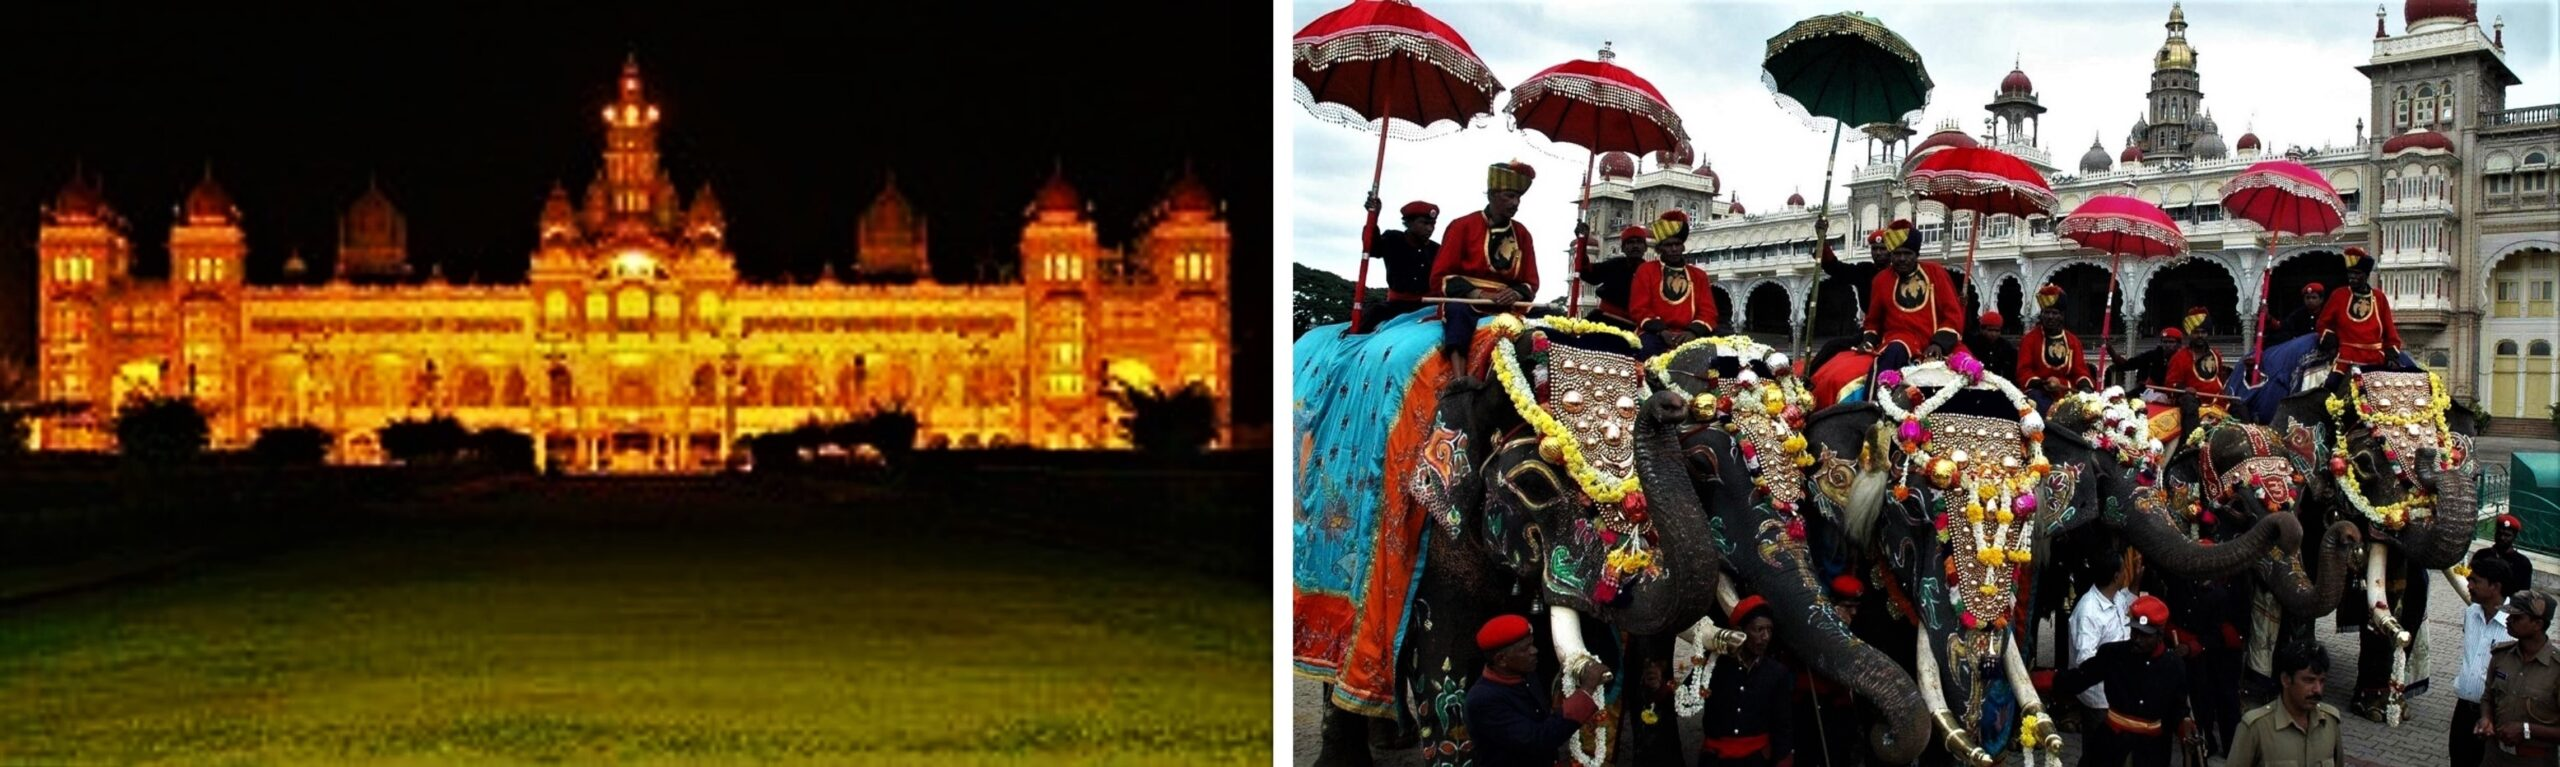 Left: Mysore Palace illuminated during Dussehra | PC - Wikipedia, Right: Procession of Elephants | PC - travelogyindia.com